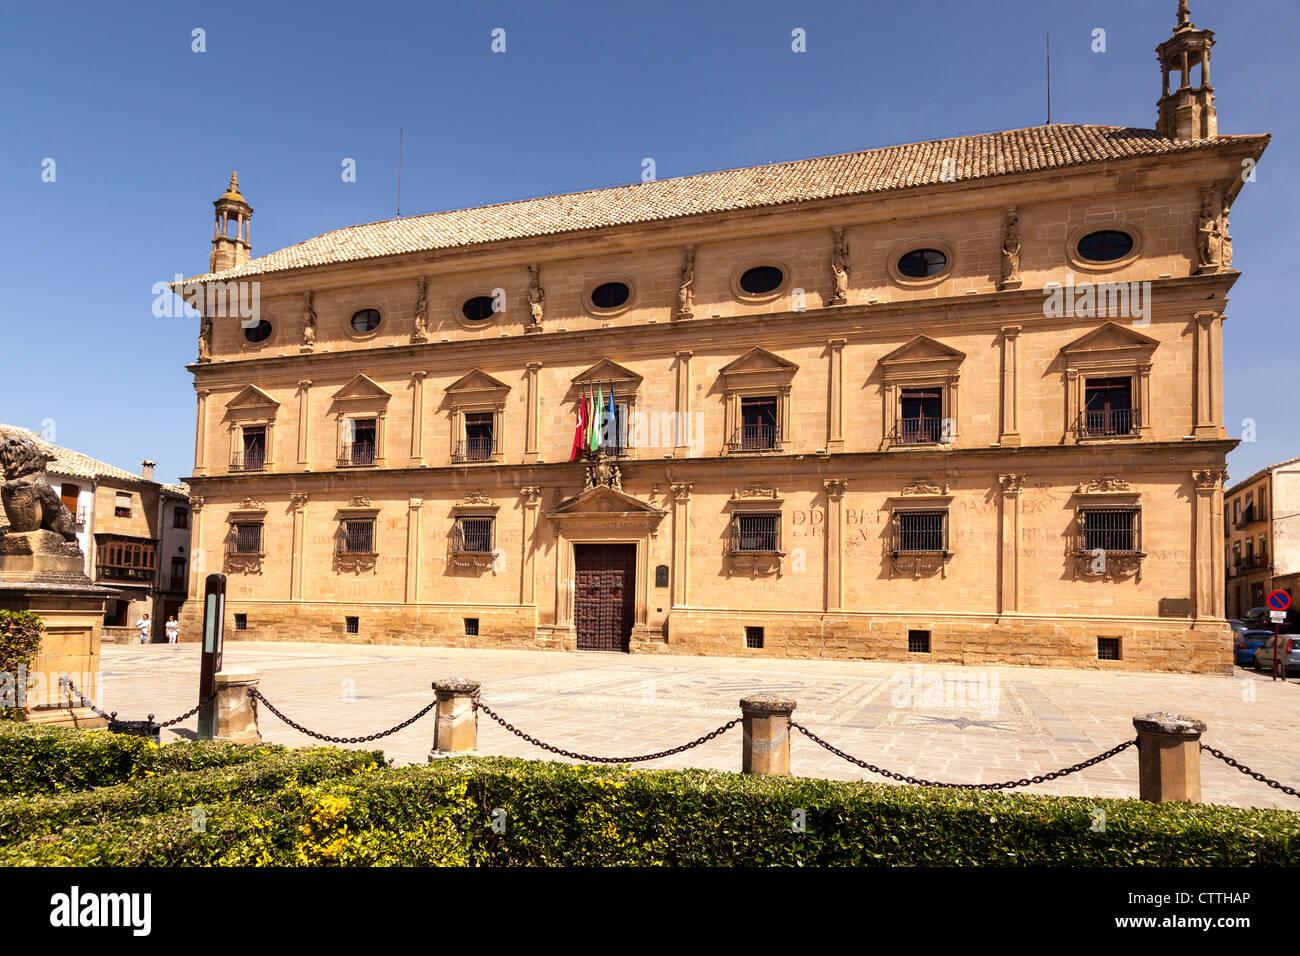 Palacio Vázquez de Molina, Úbeda, Jaén, Andalusia, Spain. Europe. - Stock Image